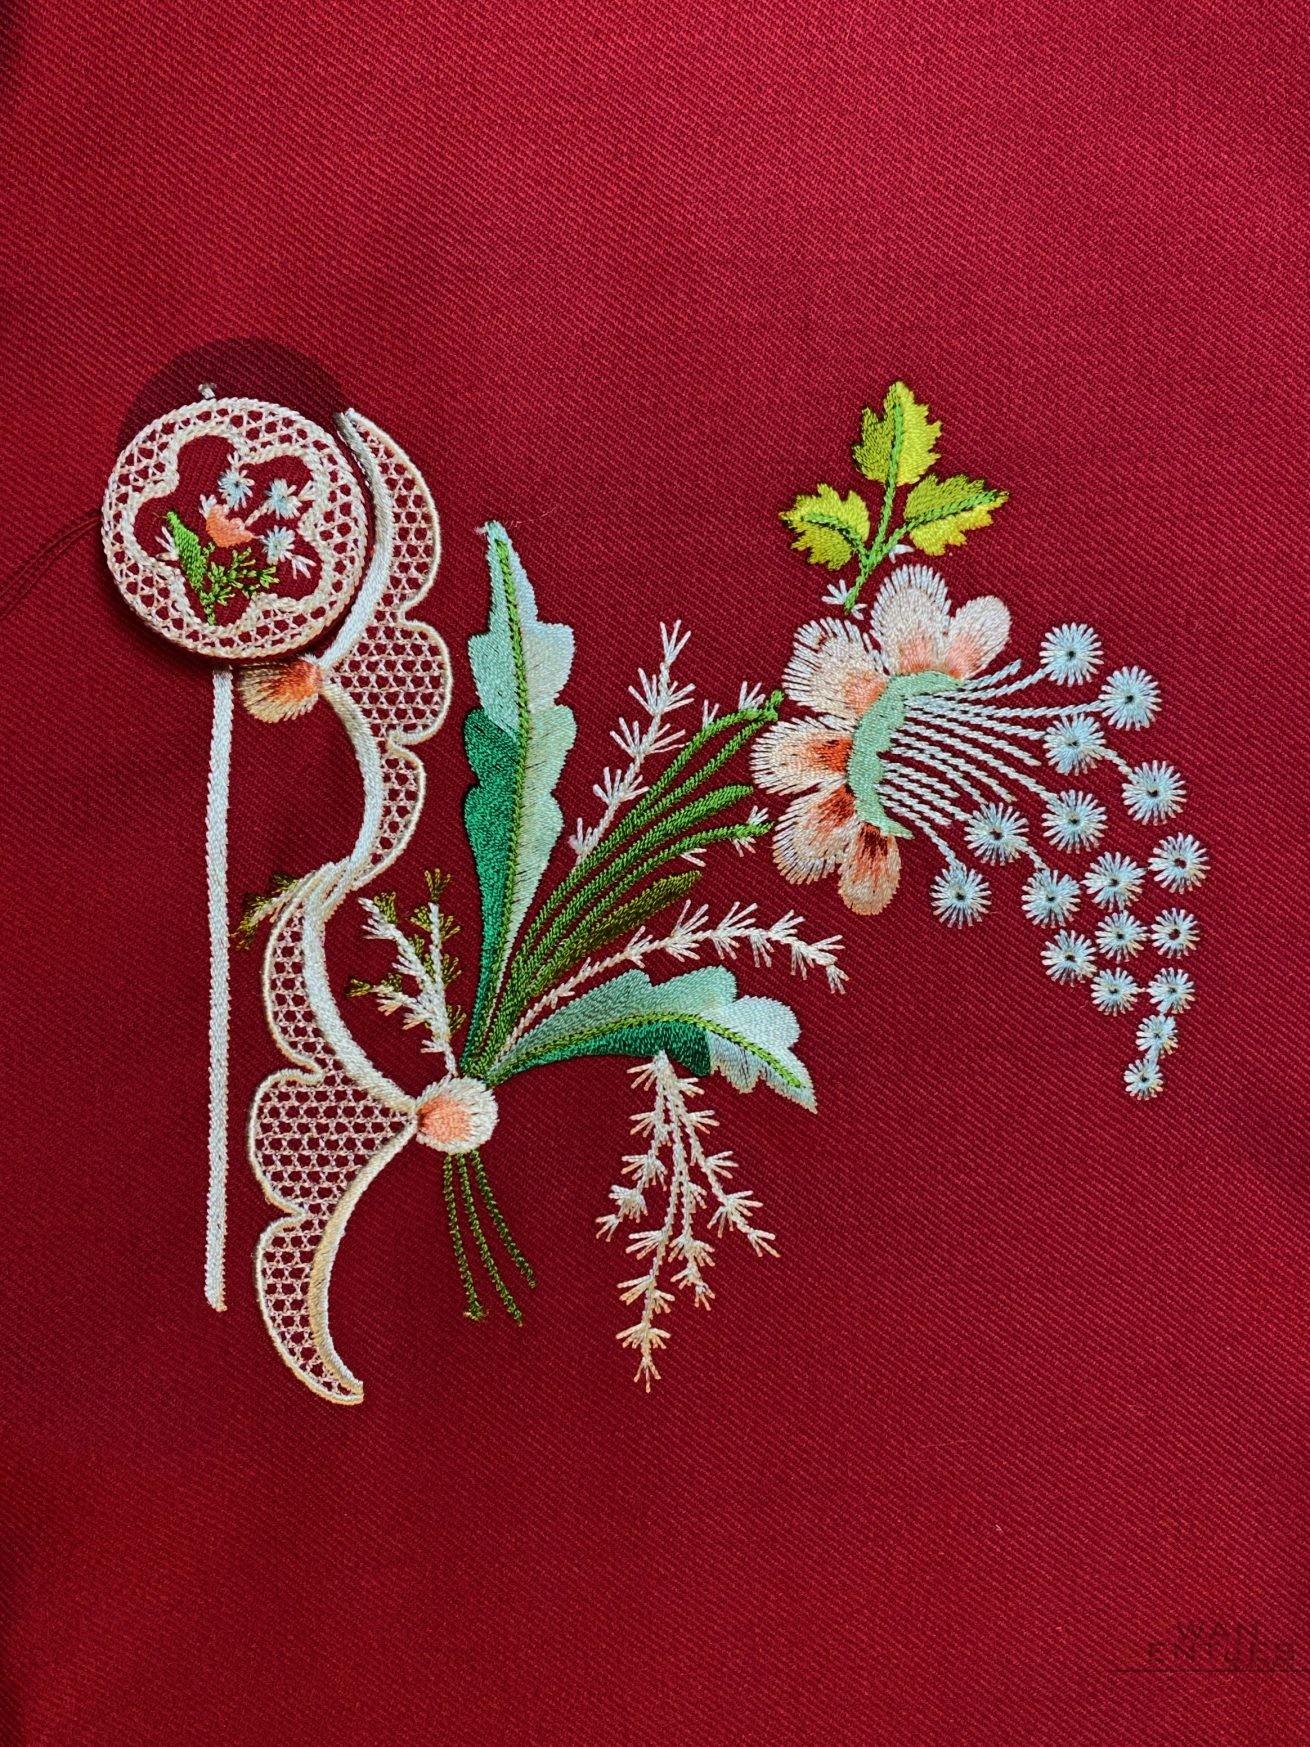 18th Century Embroidery replica